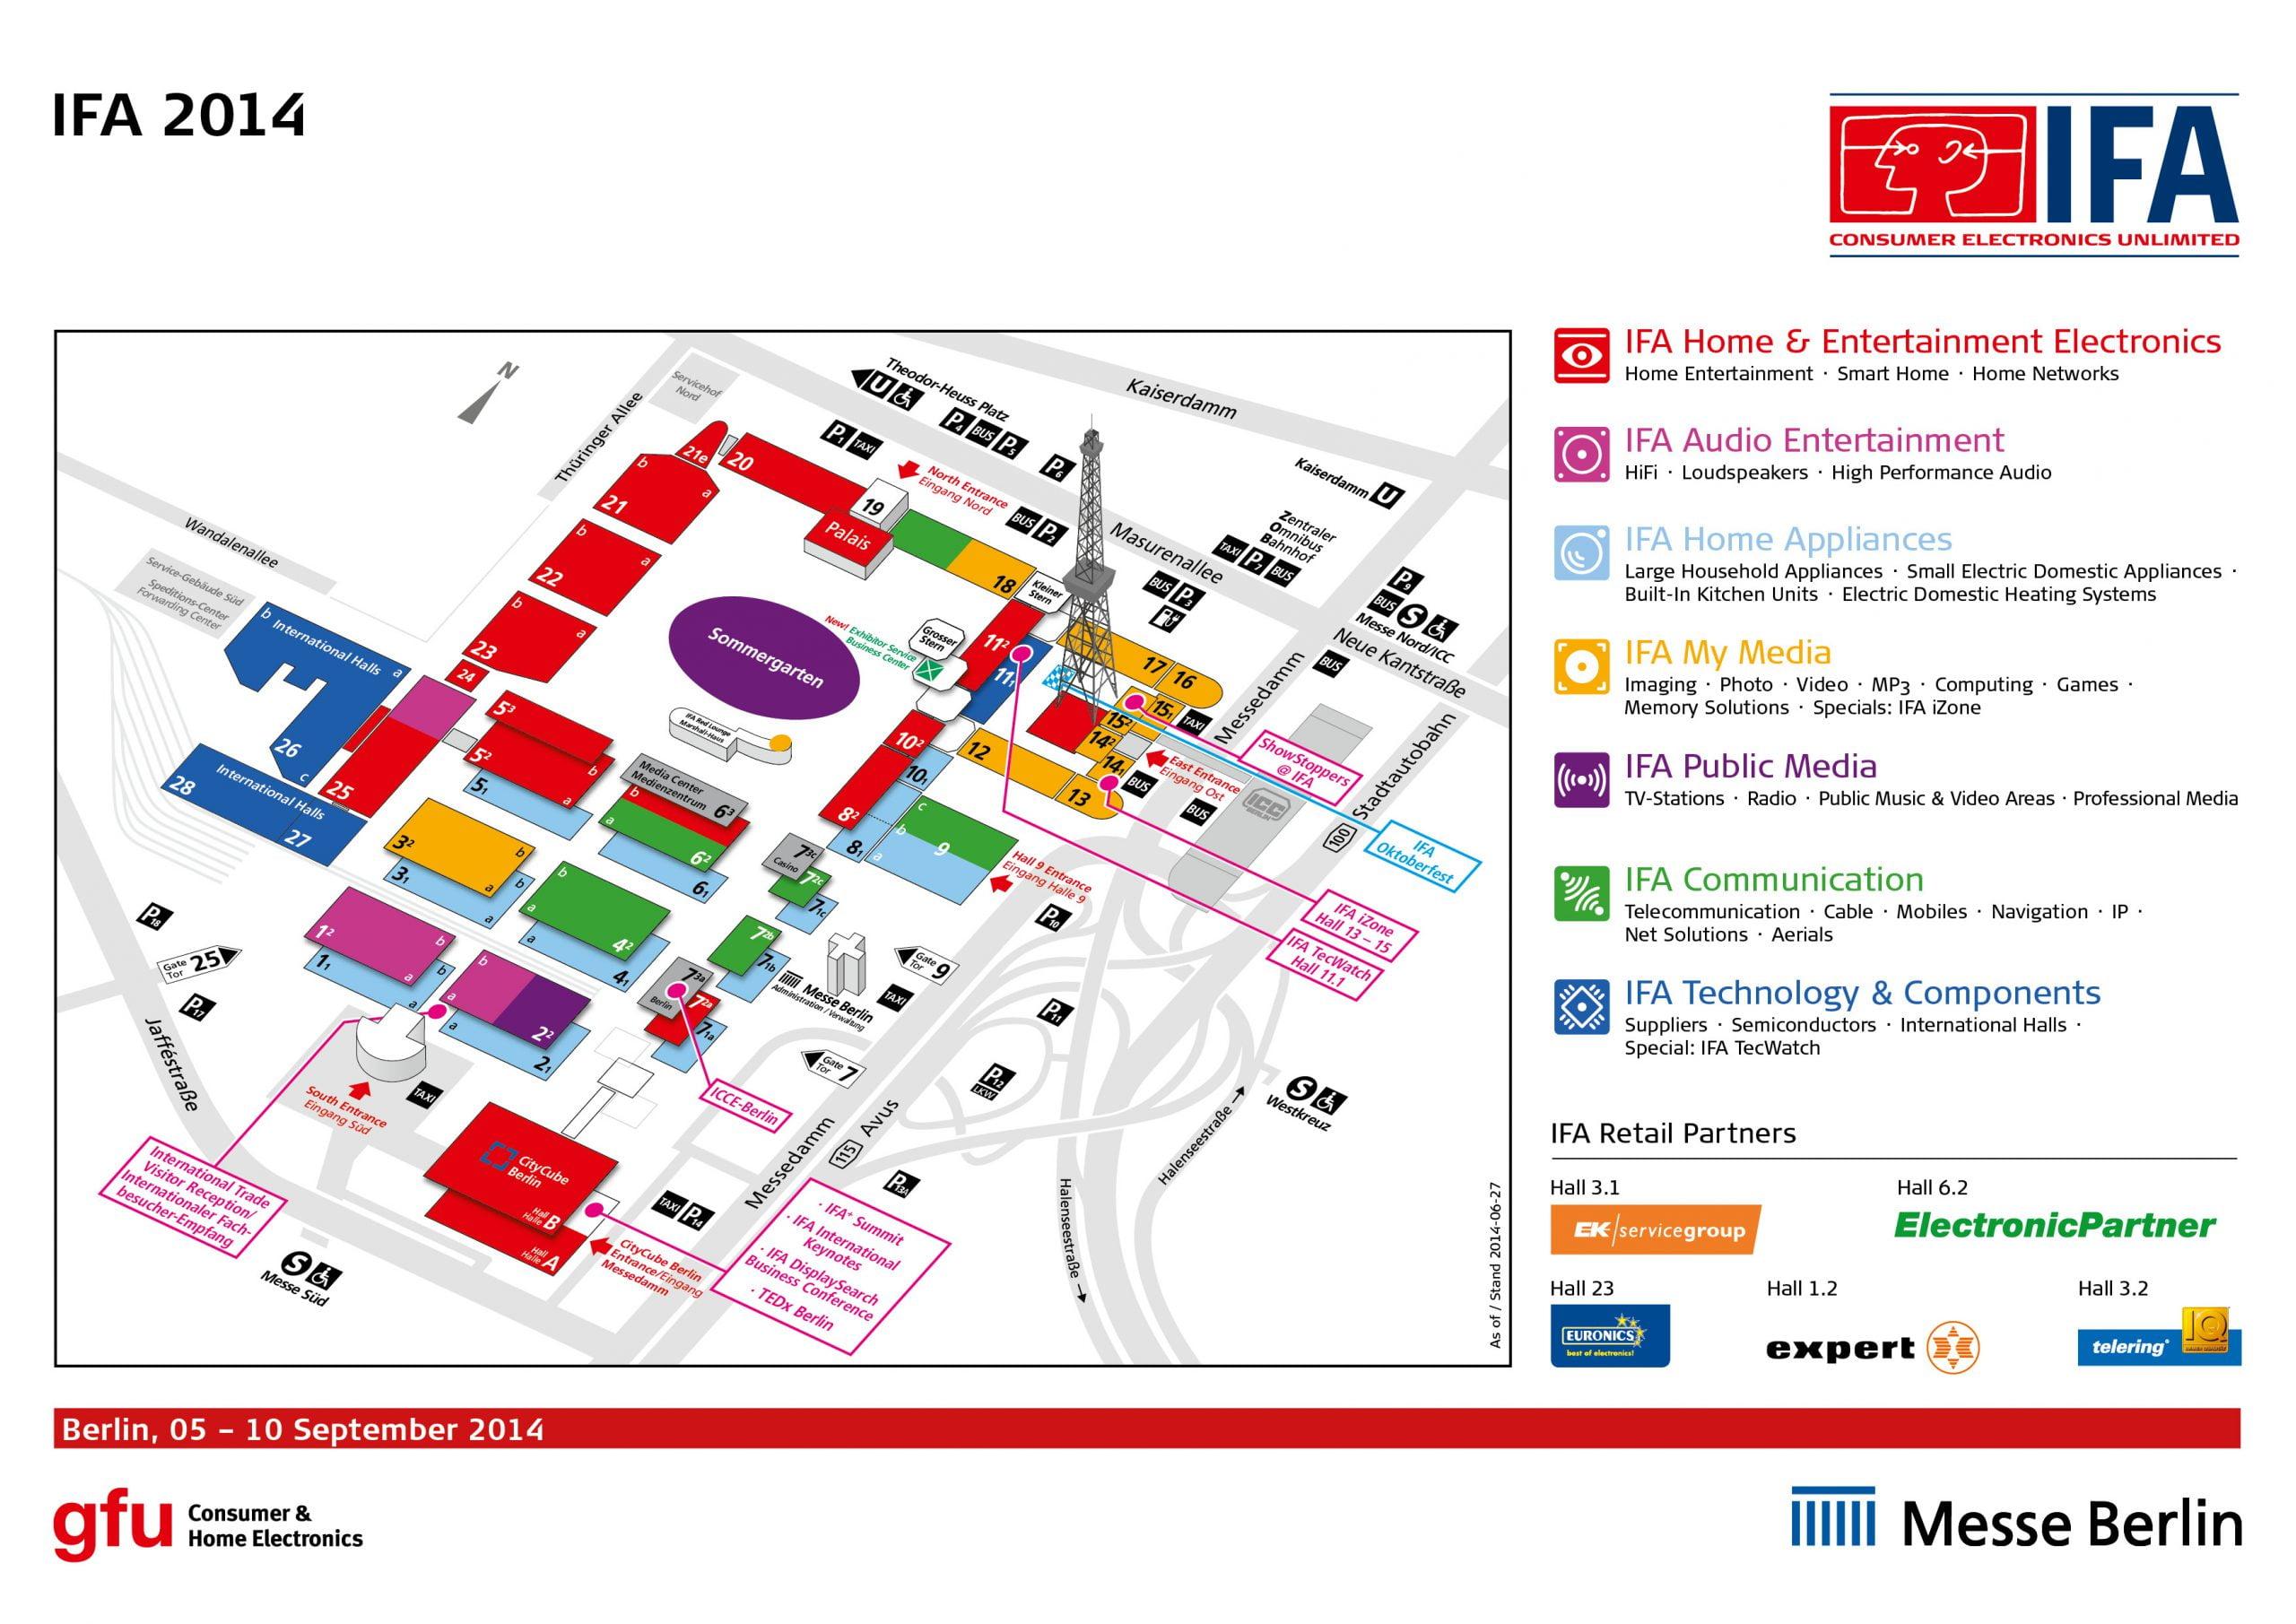 نقشه سالن های IFA 2014